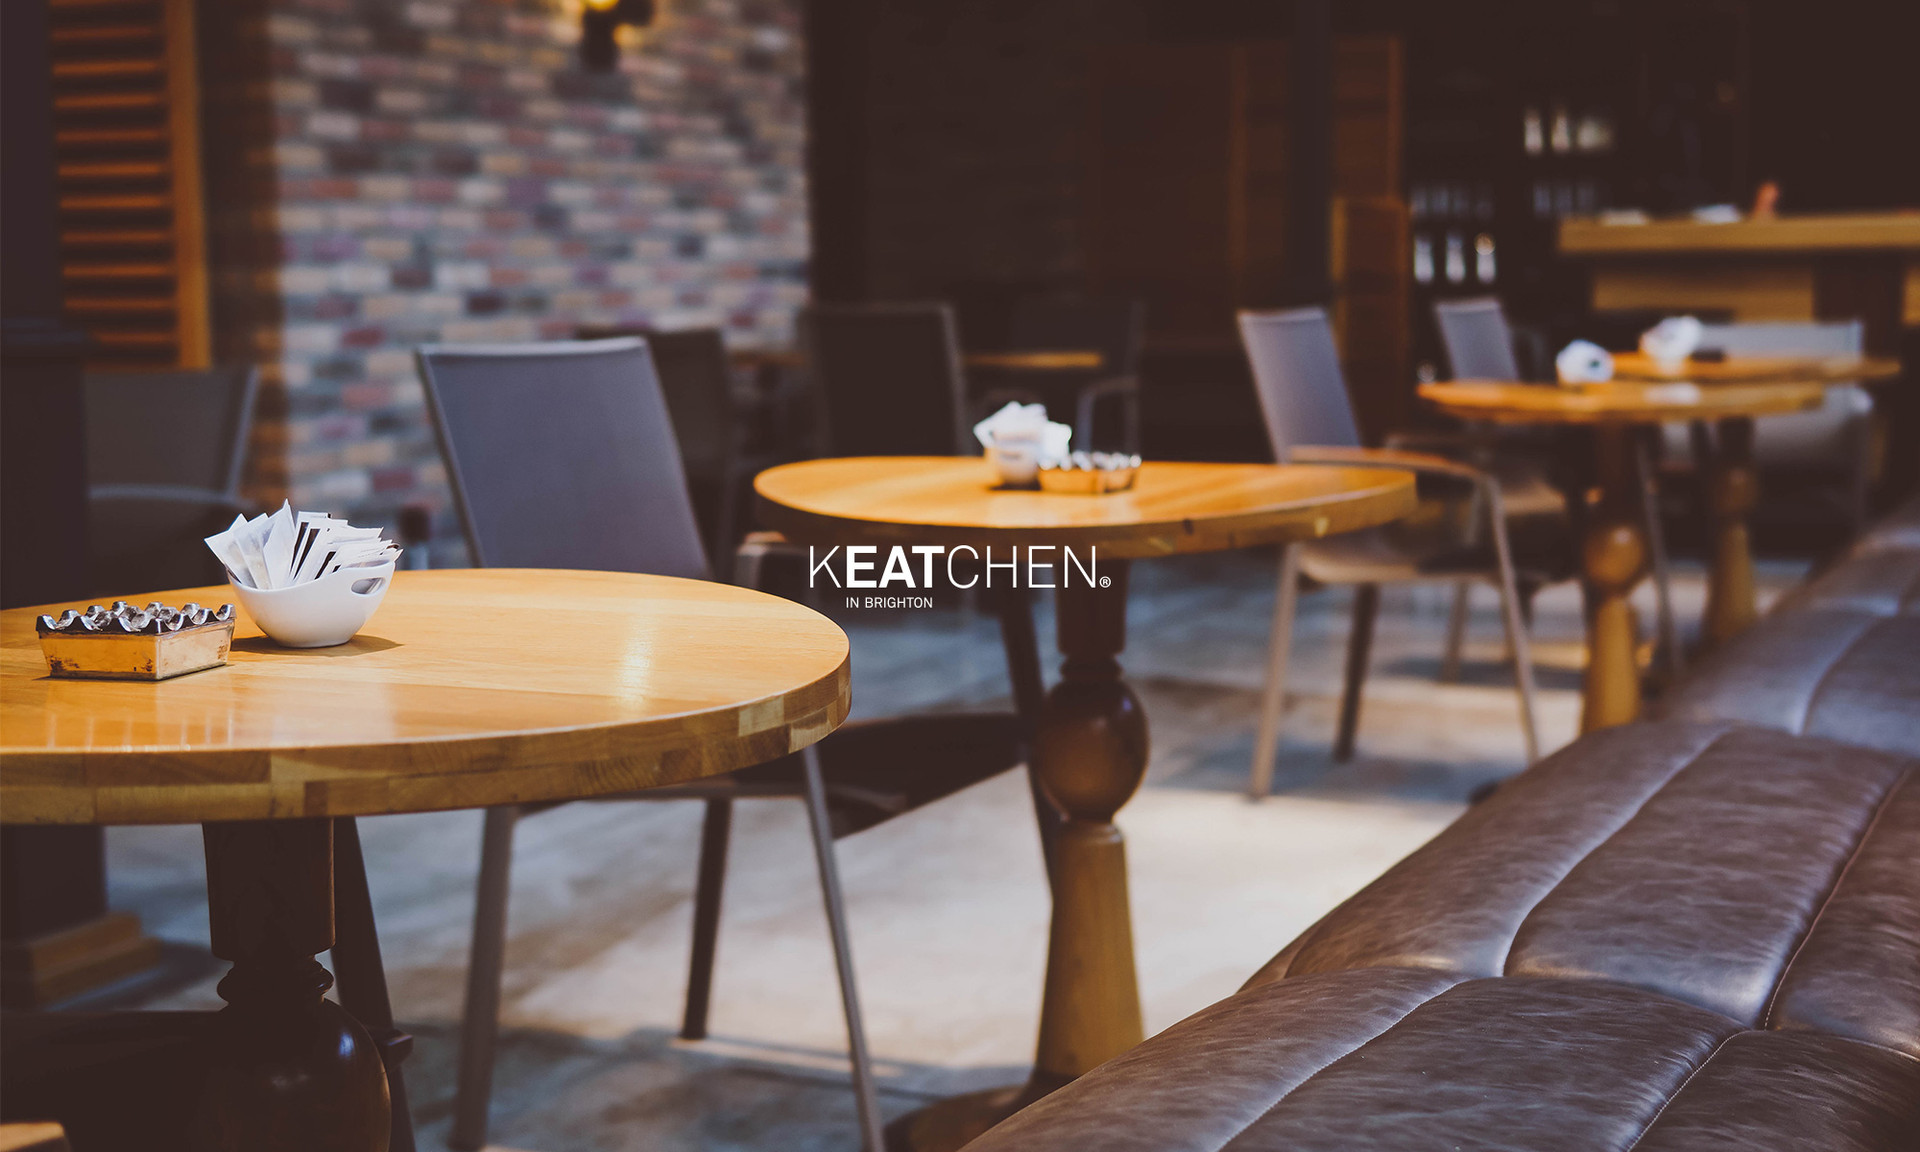 keatchen-brighton-restaurant-logo.jpg